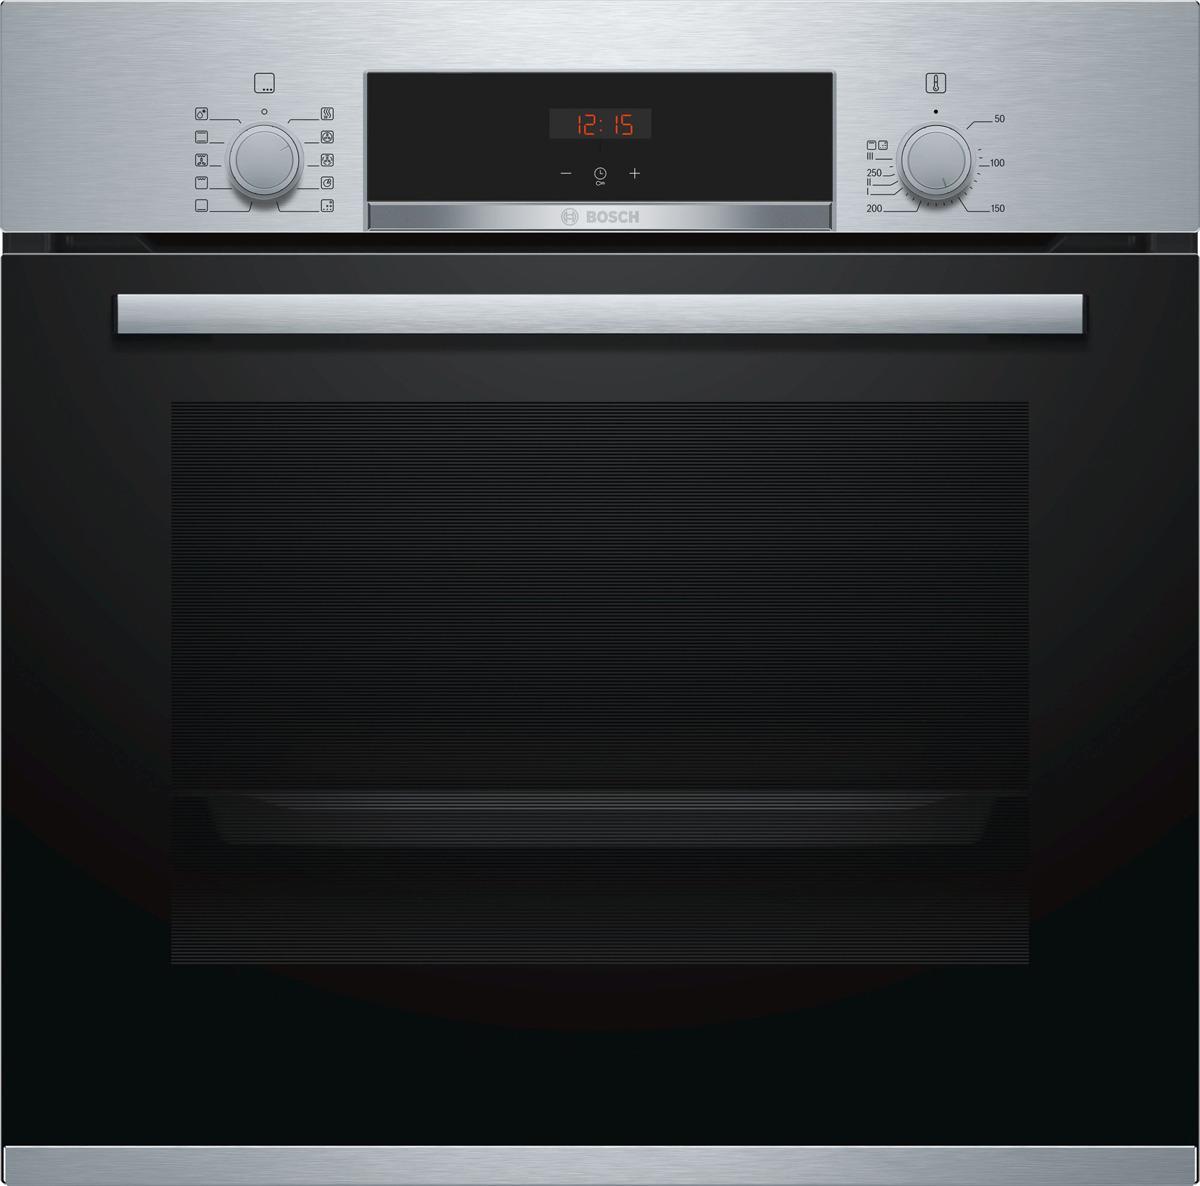 Духовой шкаф электрический встраиваемый Bosch Serie 4 HBF554YS0R все цены